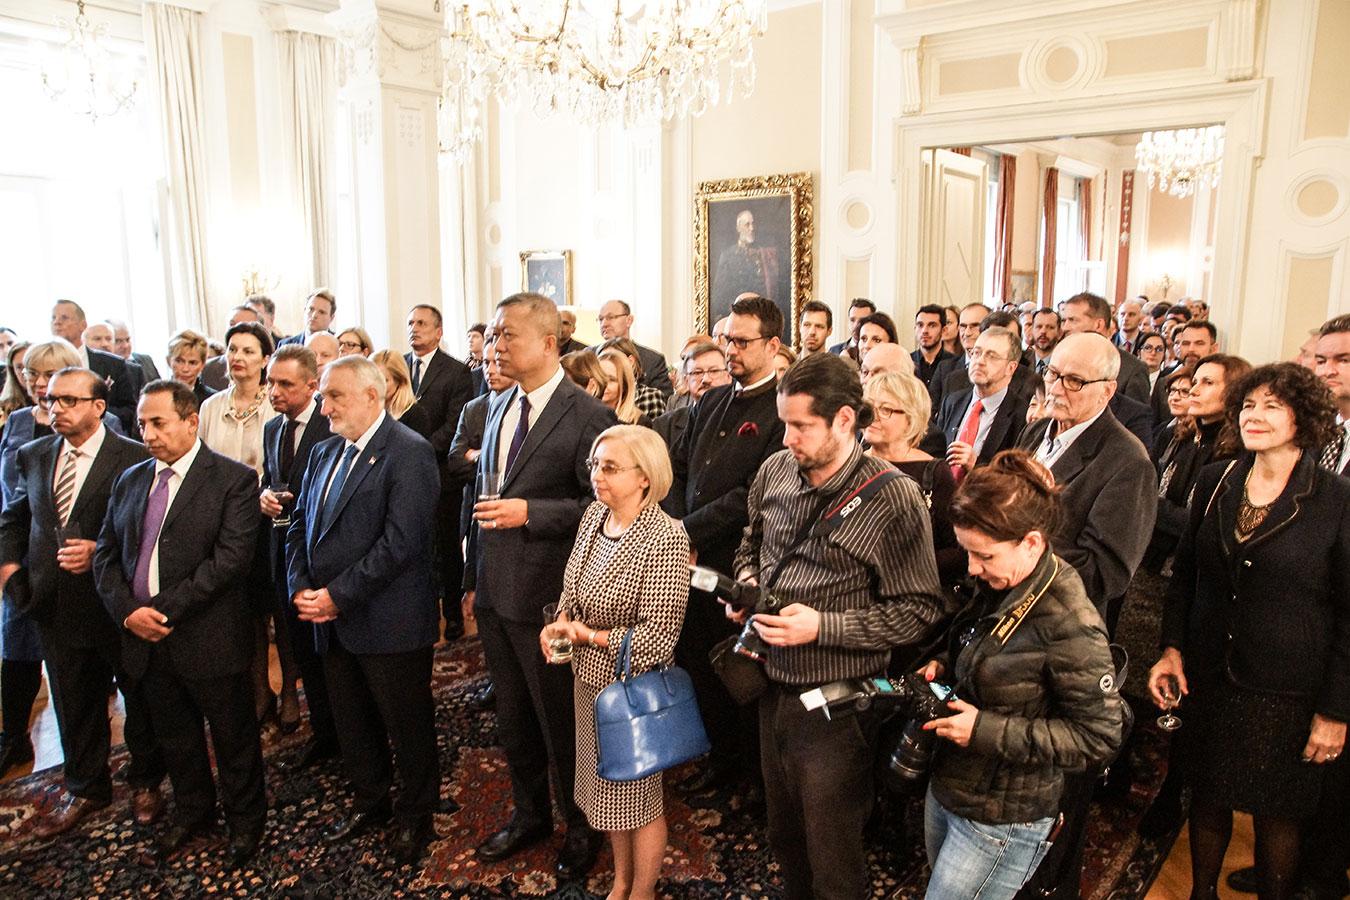 Az Elisabeth Ellison-Kramer nagykövet ünnepi beszédét hallgató, népes vendégsereg<br /><br />(Fotó: Aigner Ivan)